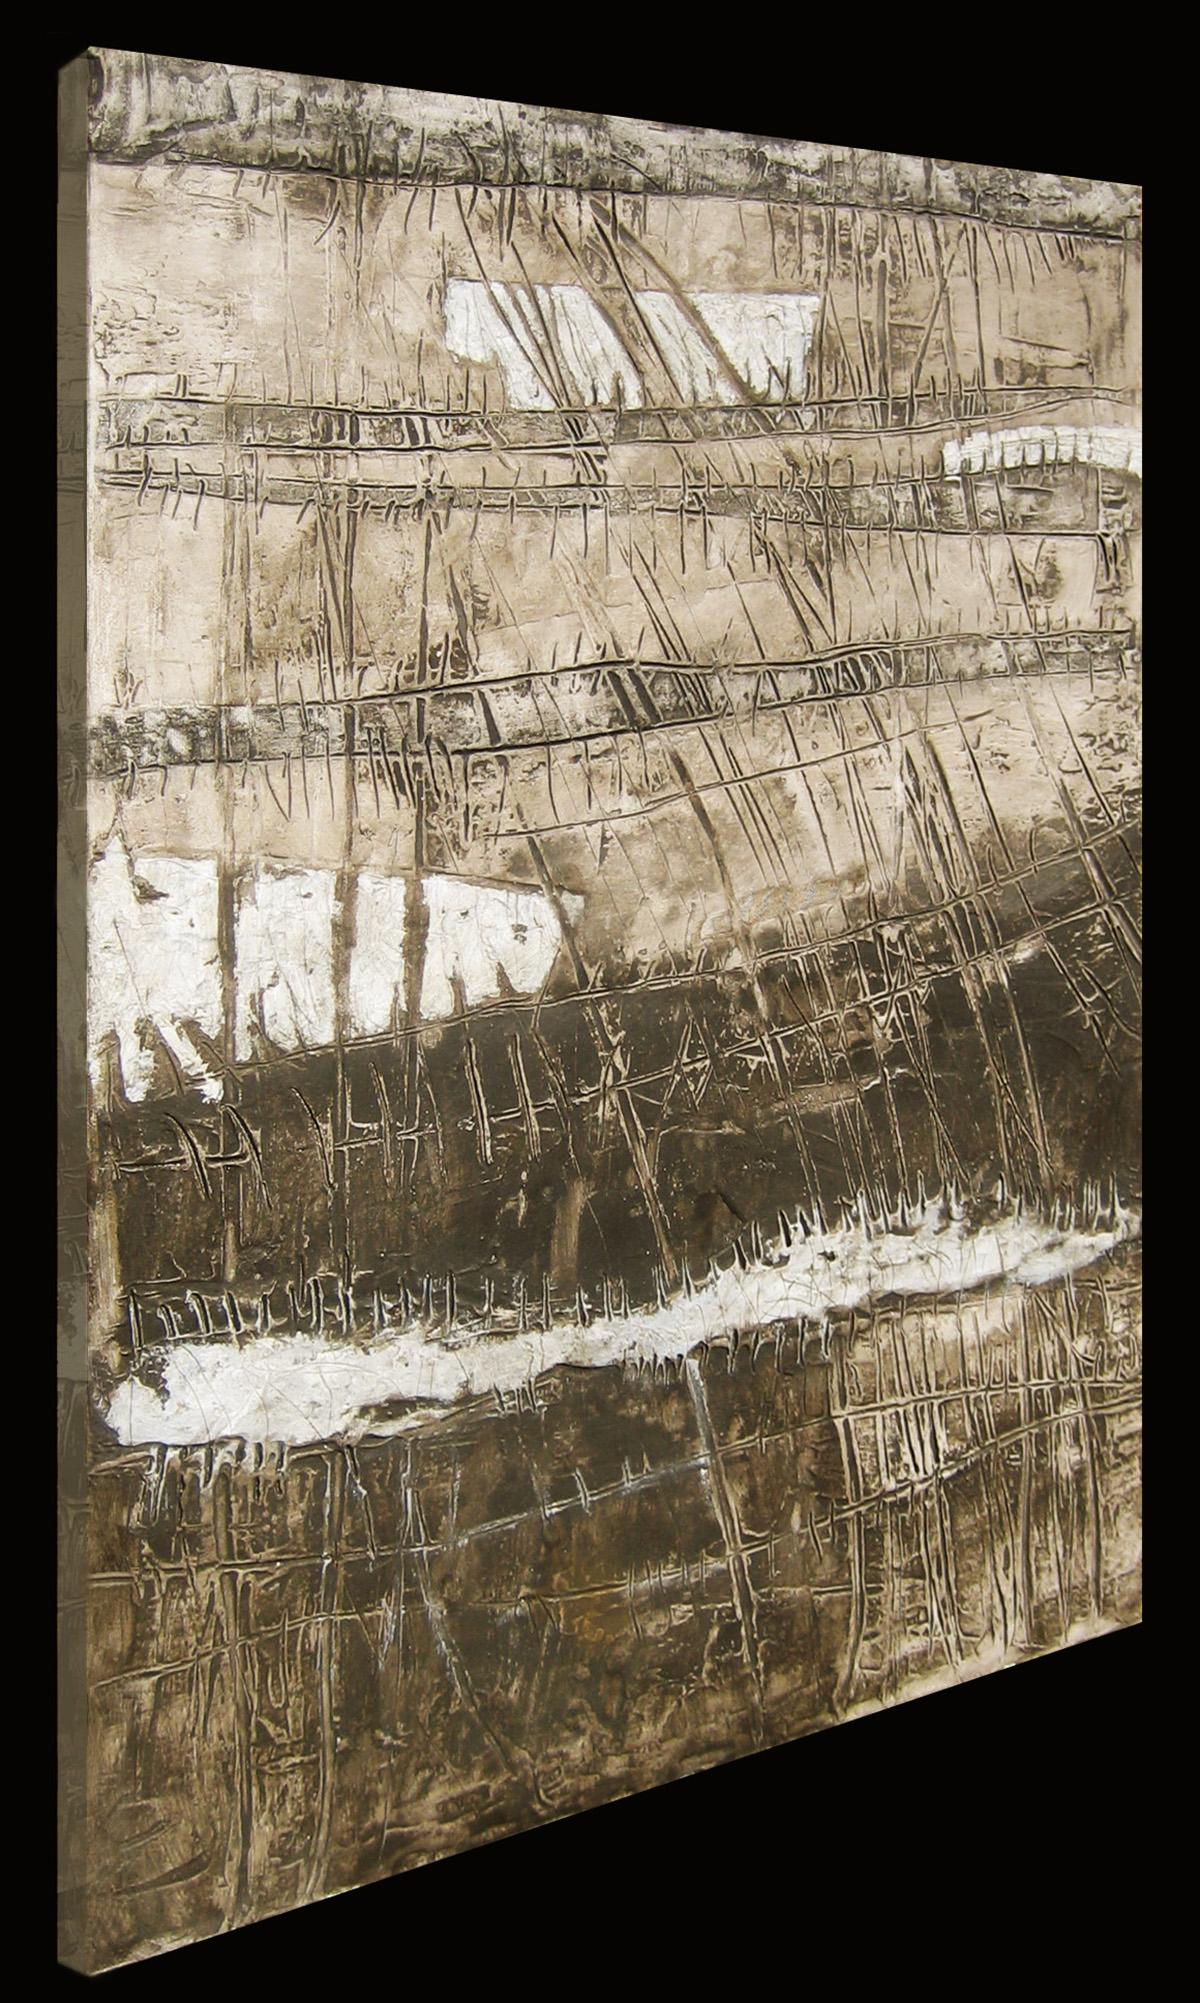 Trame Collezione privata Tecnica mista. Gesso graffito su tela. Colorazione con pigmenti e colore ad olio. Cm 70 x100